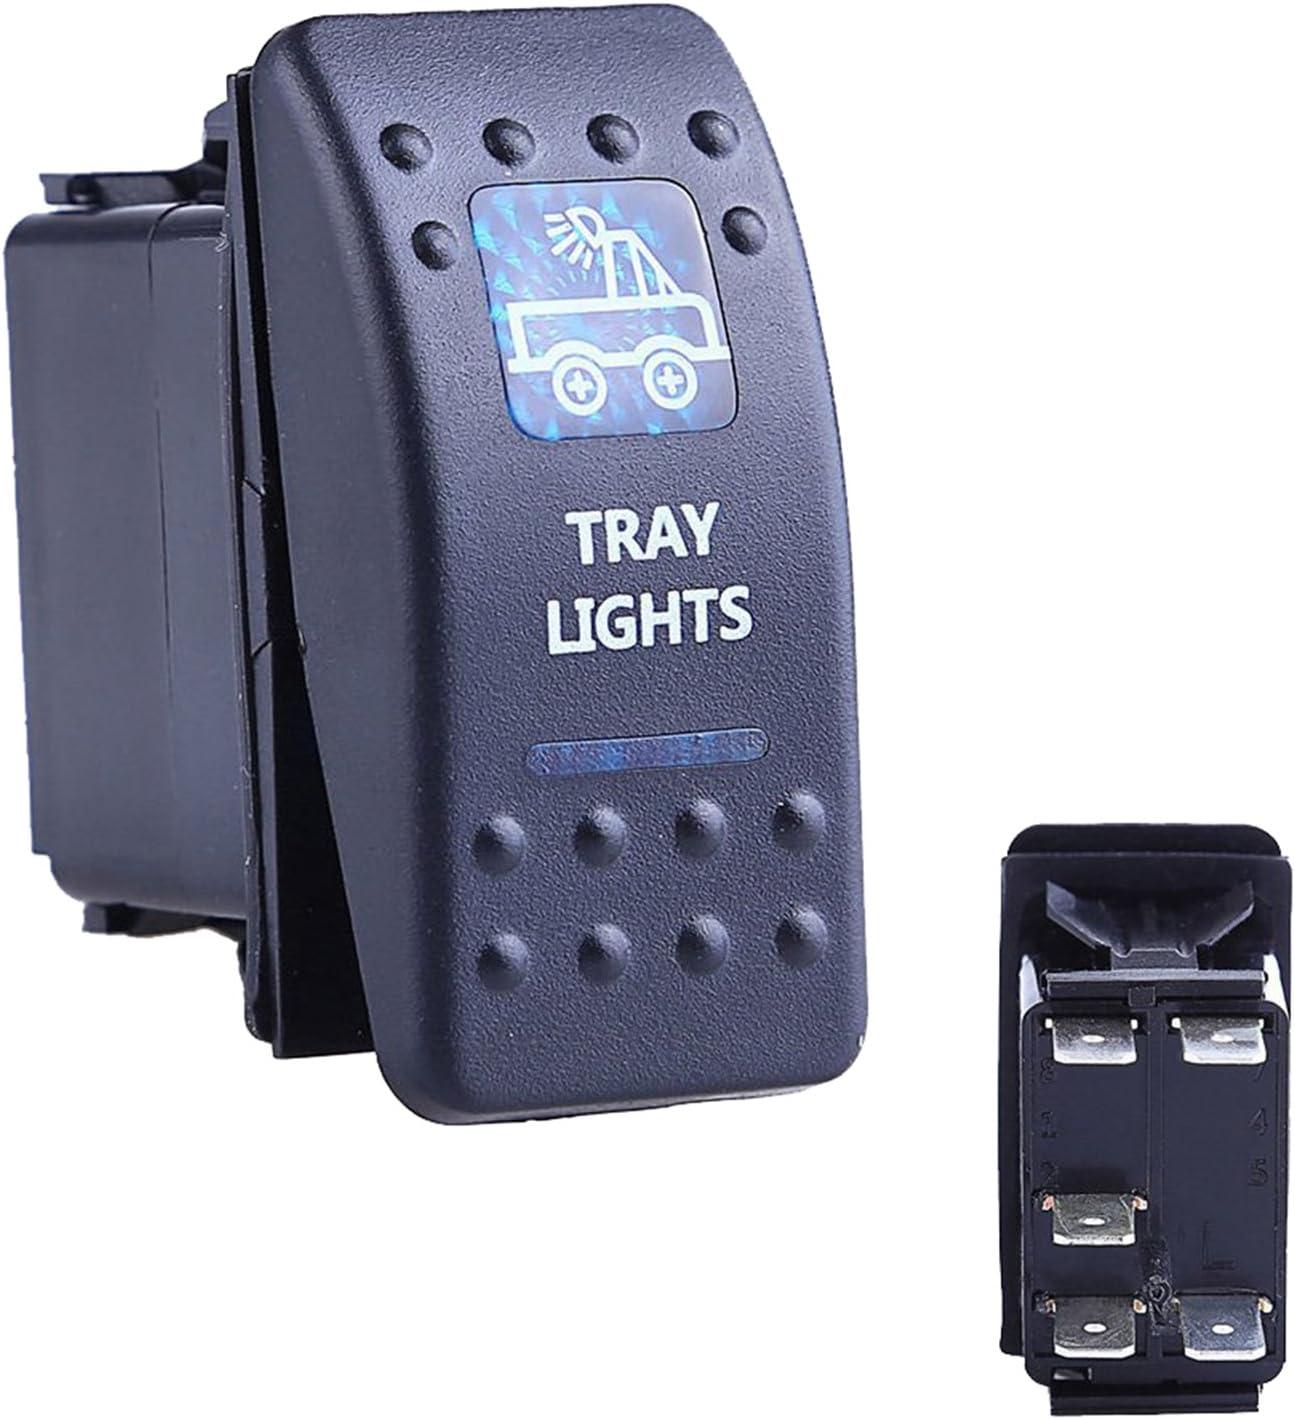 Oshide Auto Kfz Boot Blaue Led Beleuchtet Licht Wippschalter Ein Aus Schalter 12 24v Wasserdicht Tray Light Auto